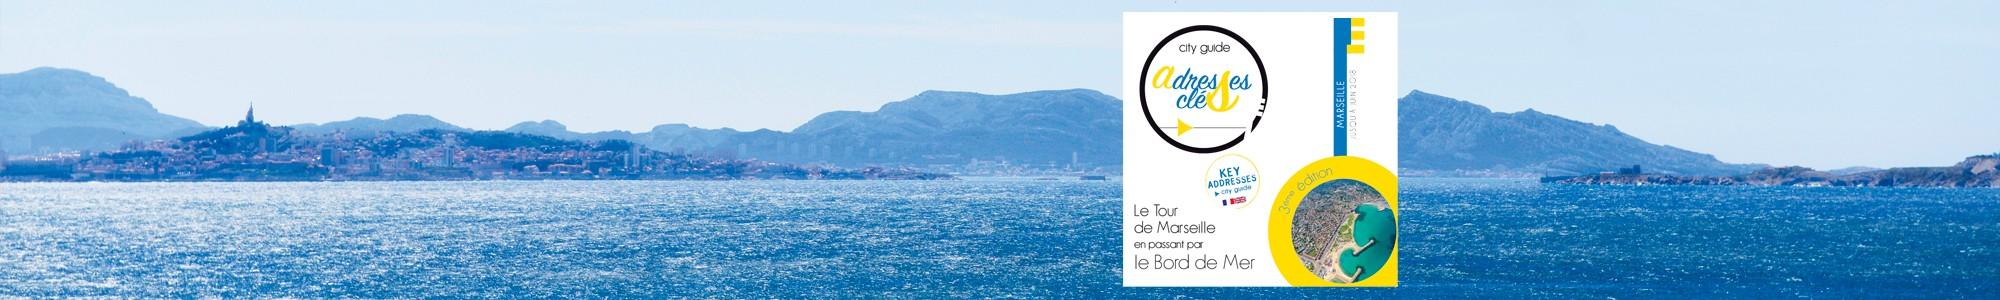 City guide Adresses Clés : Le tour de Marseille en passant par le Bord de Mer